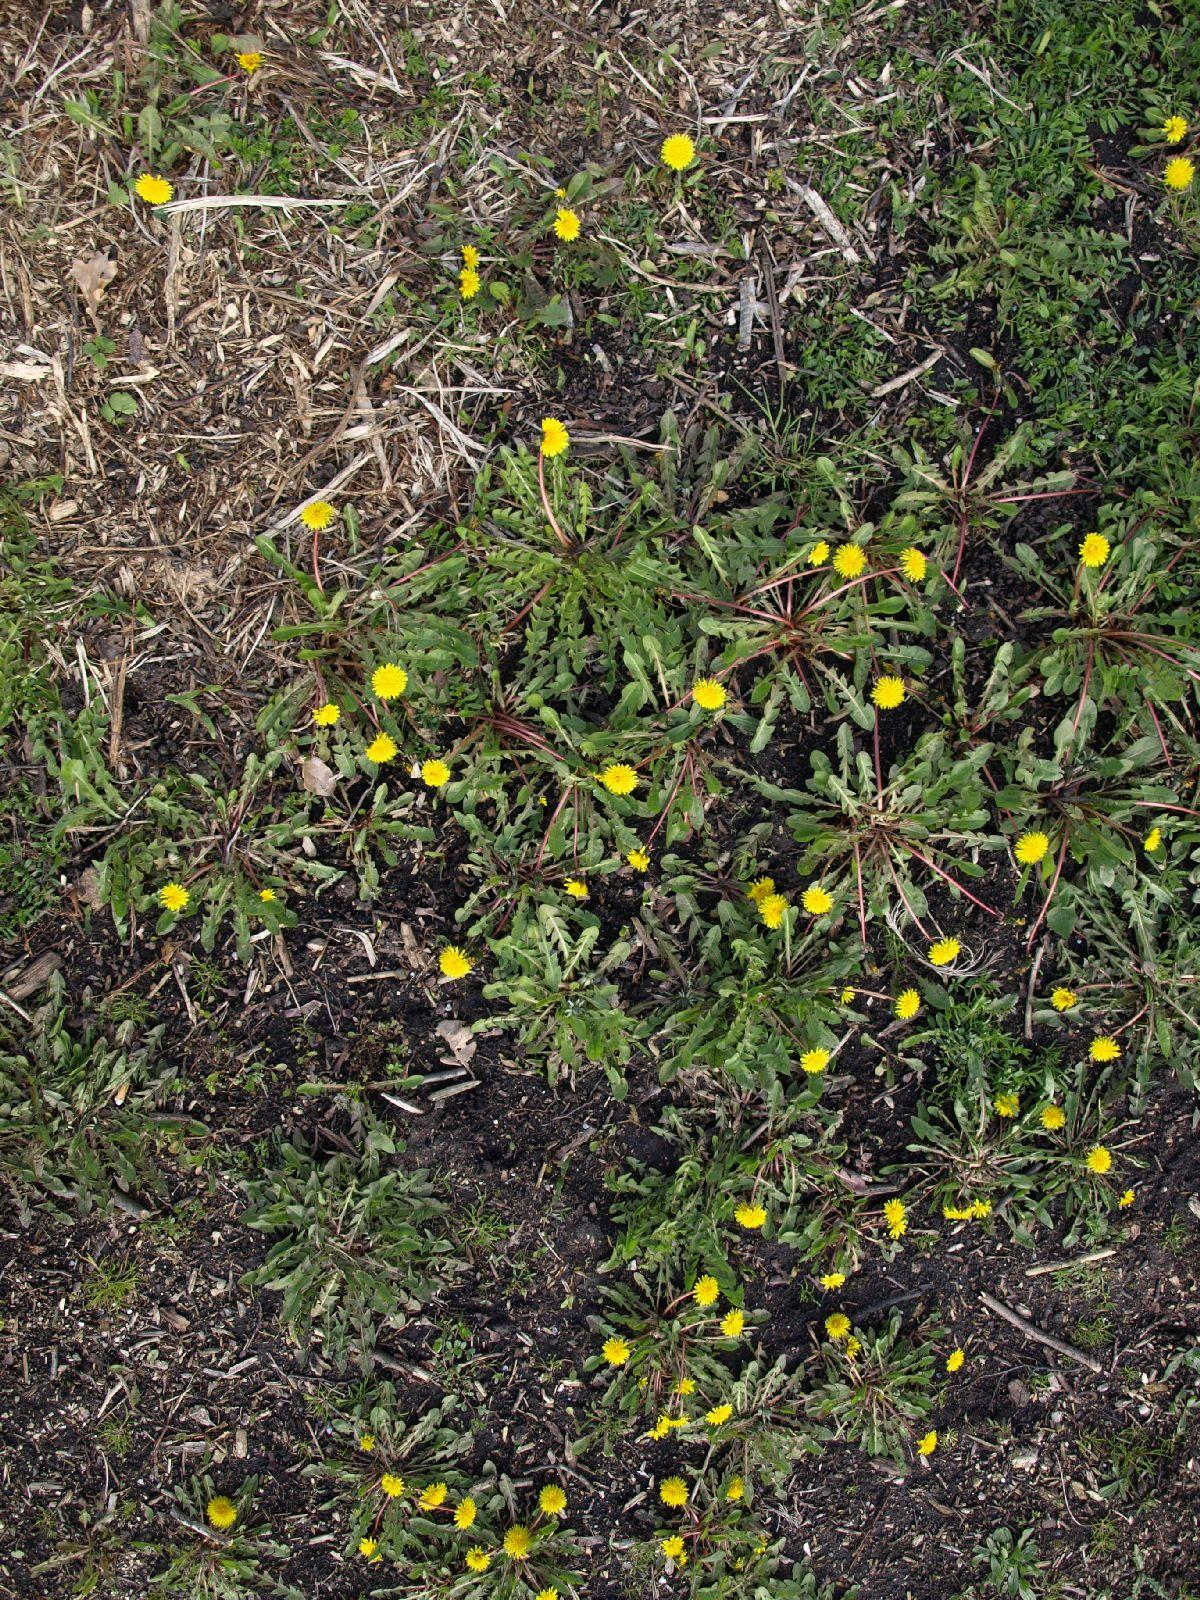 Boden-Gras-Moos-Blumen_Textur_A_P4171324